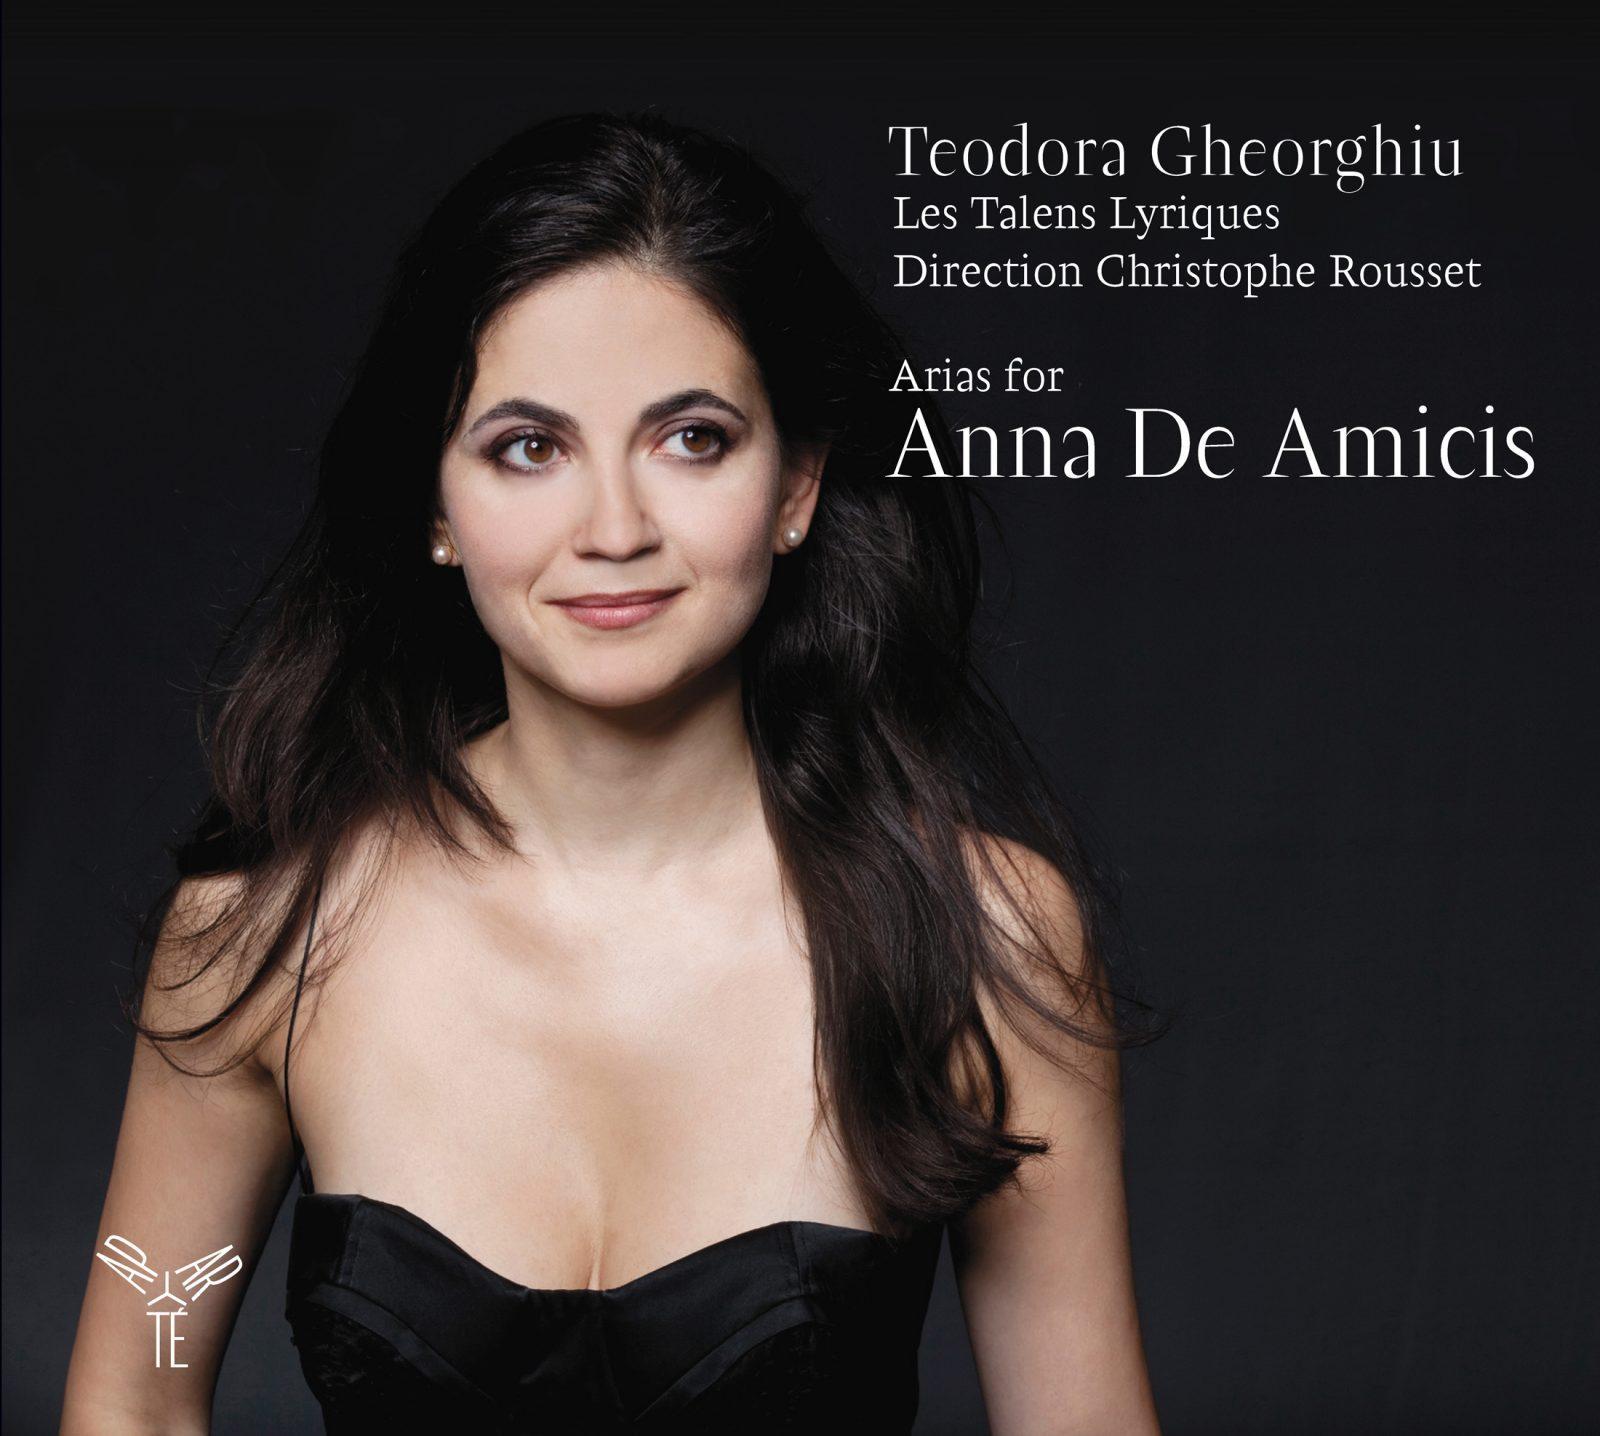 Arias for Anna de Amicis (Bach, Gluck, Mozart...)